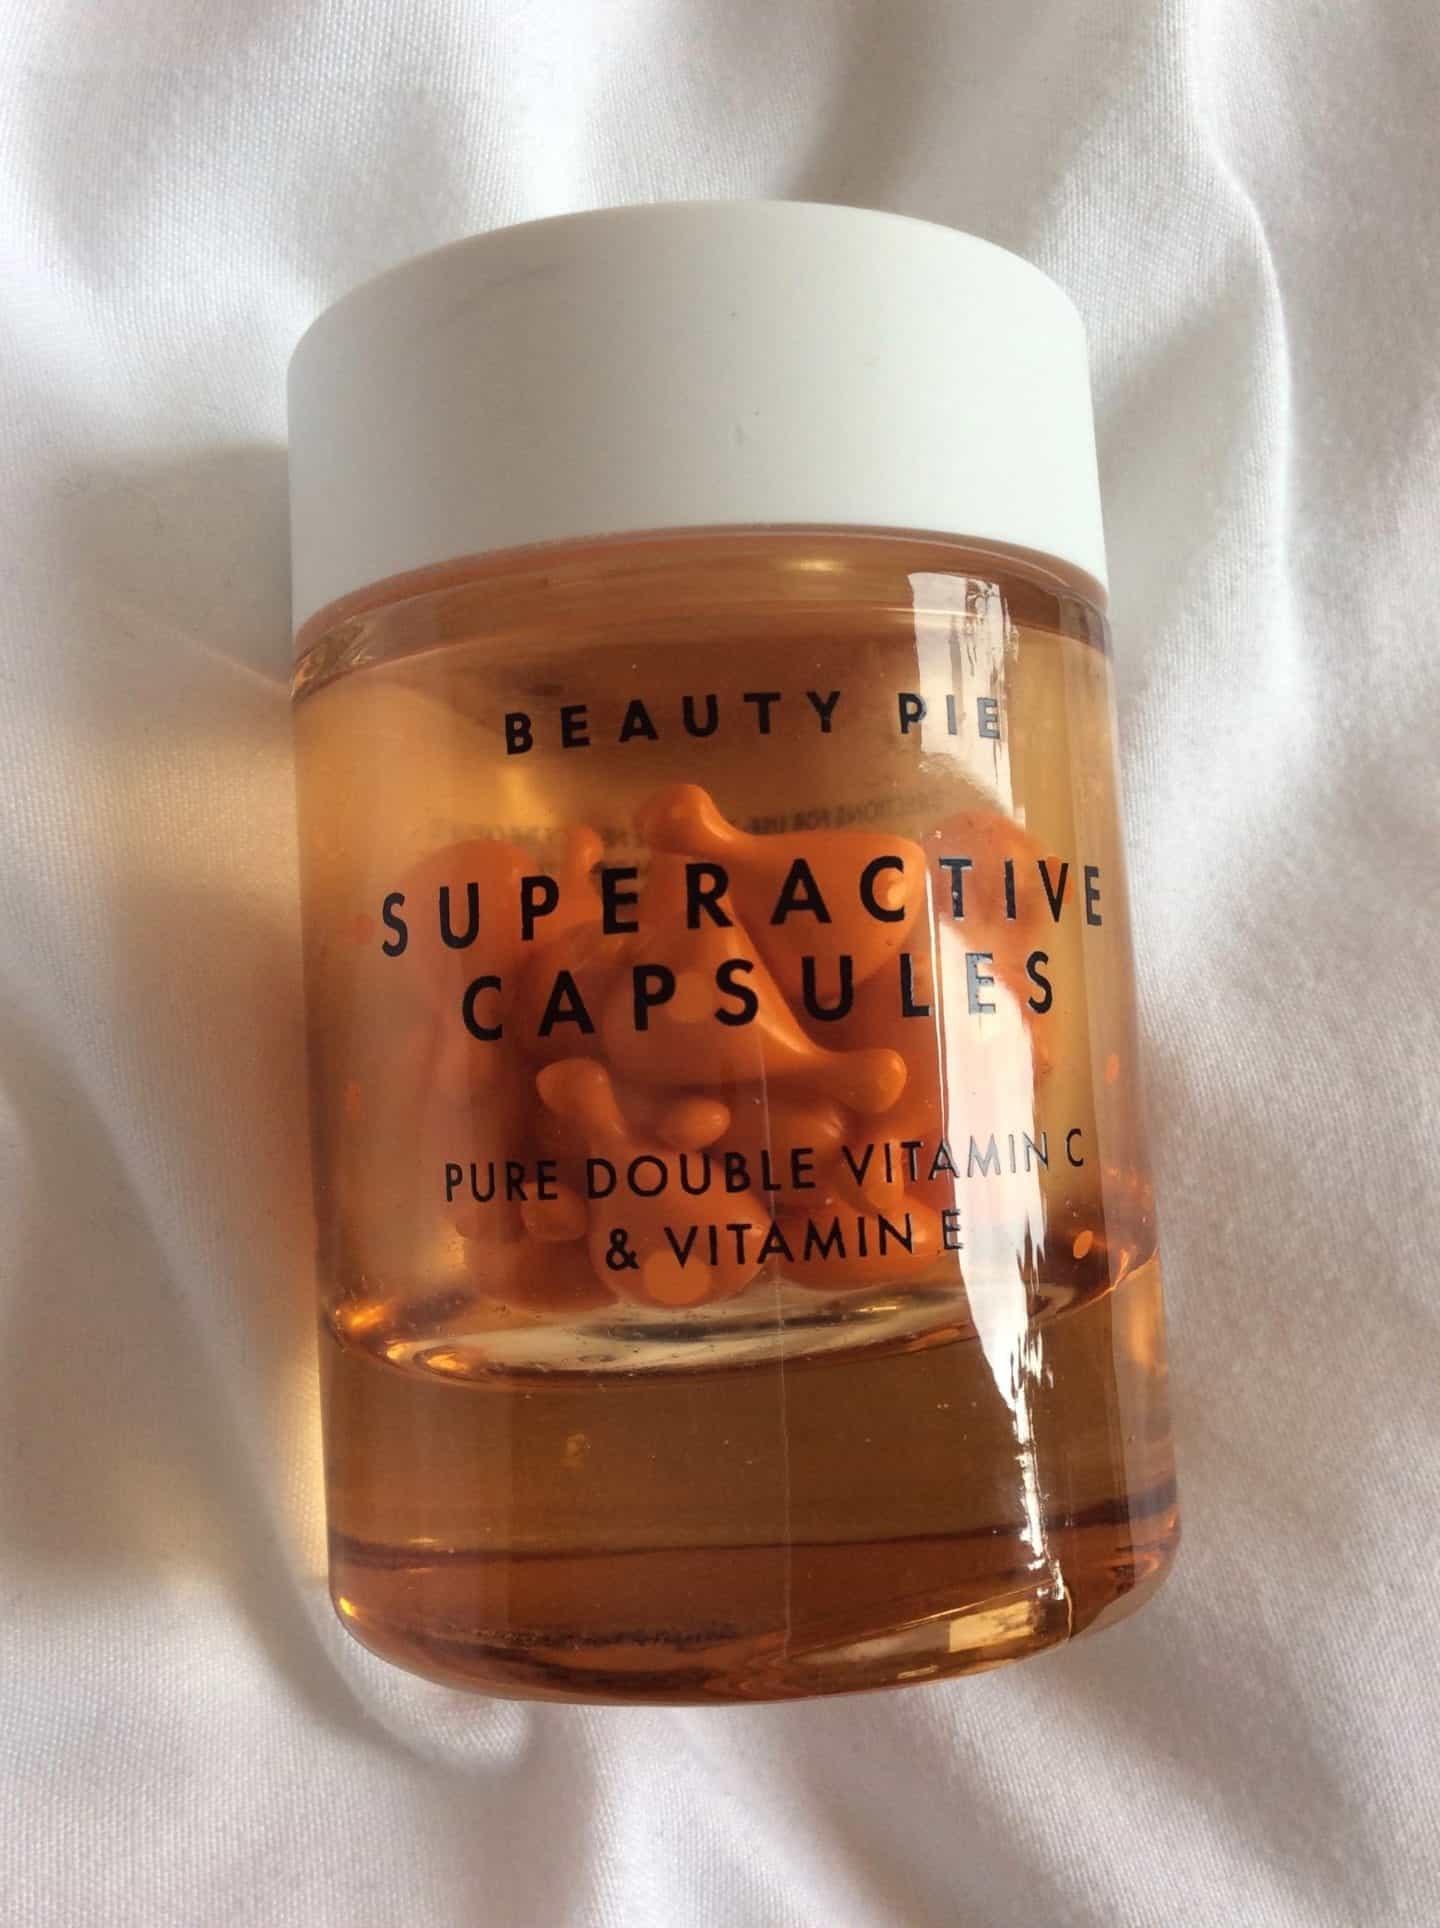 Beauty Pie Superactive Capsules Pure Double Vitamin C & Vitamin E